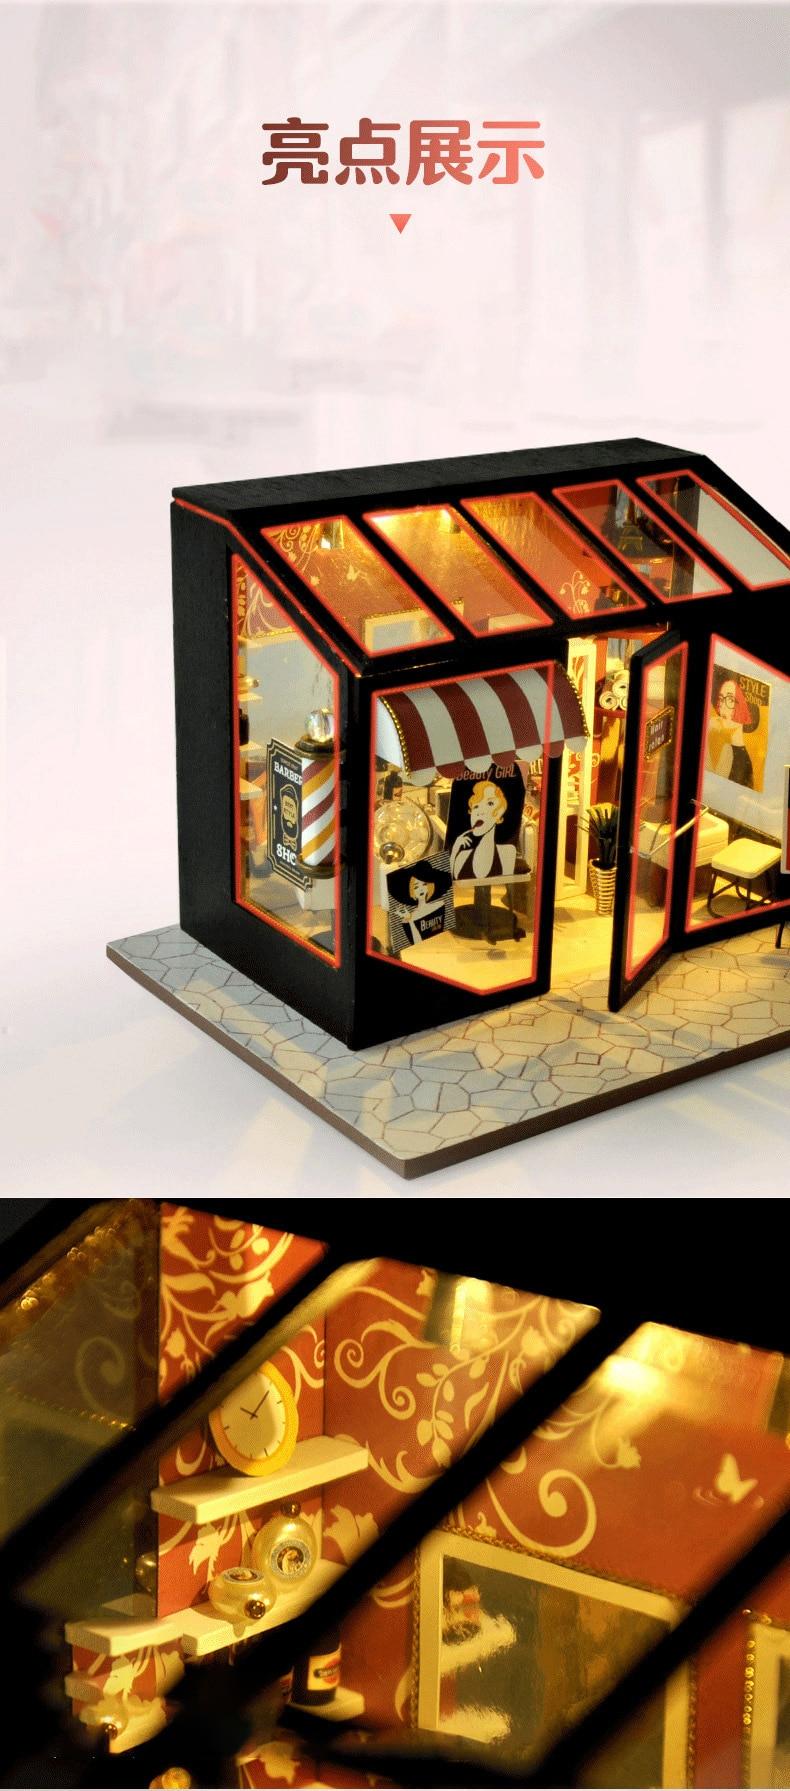 H0b27f6e4567c4c87a35f1ab7125bc8ac2 - Robotime - DIY Models, DIY Miniature Houses, 3d Wooden Puzzle